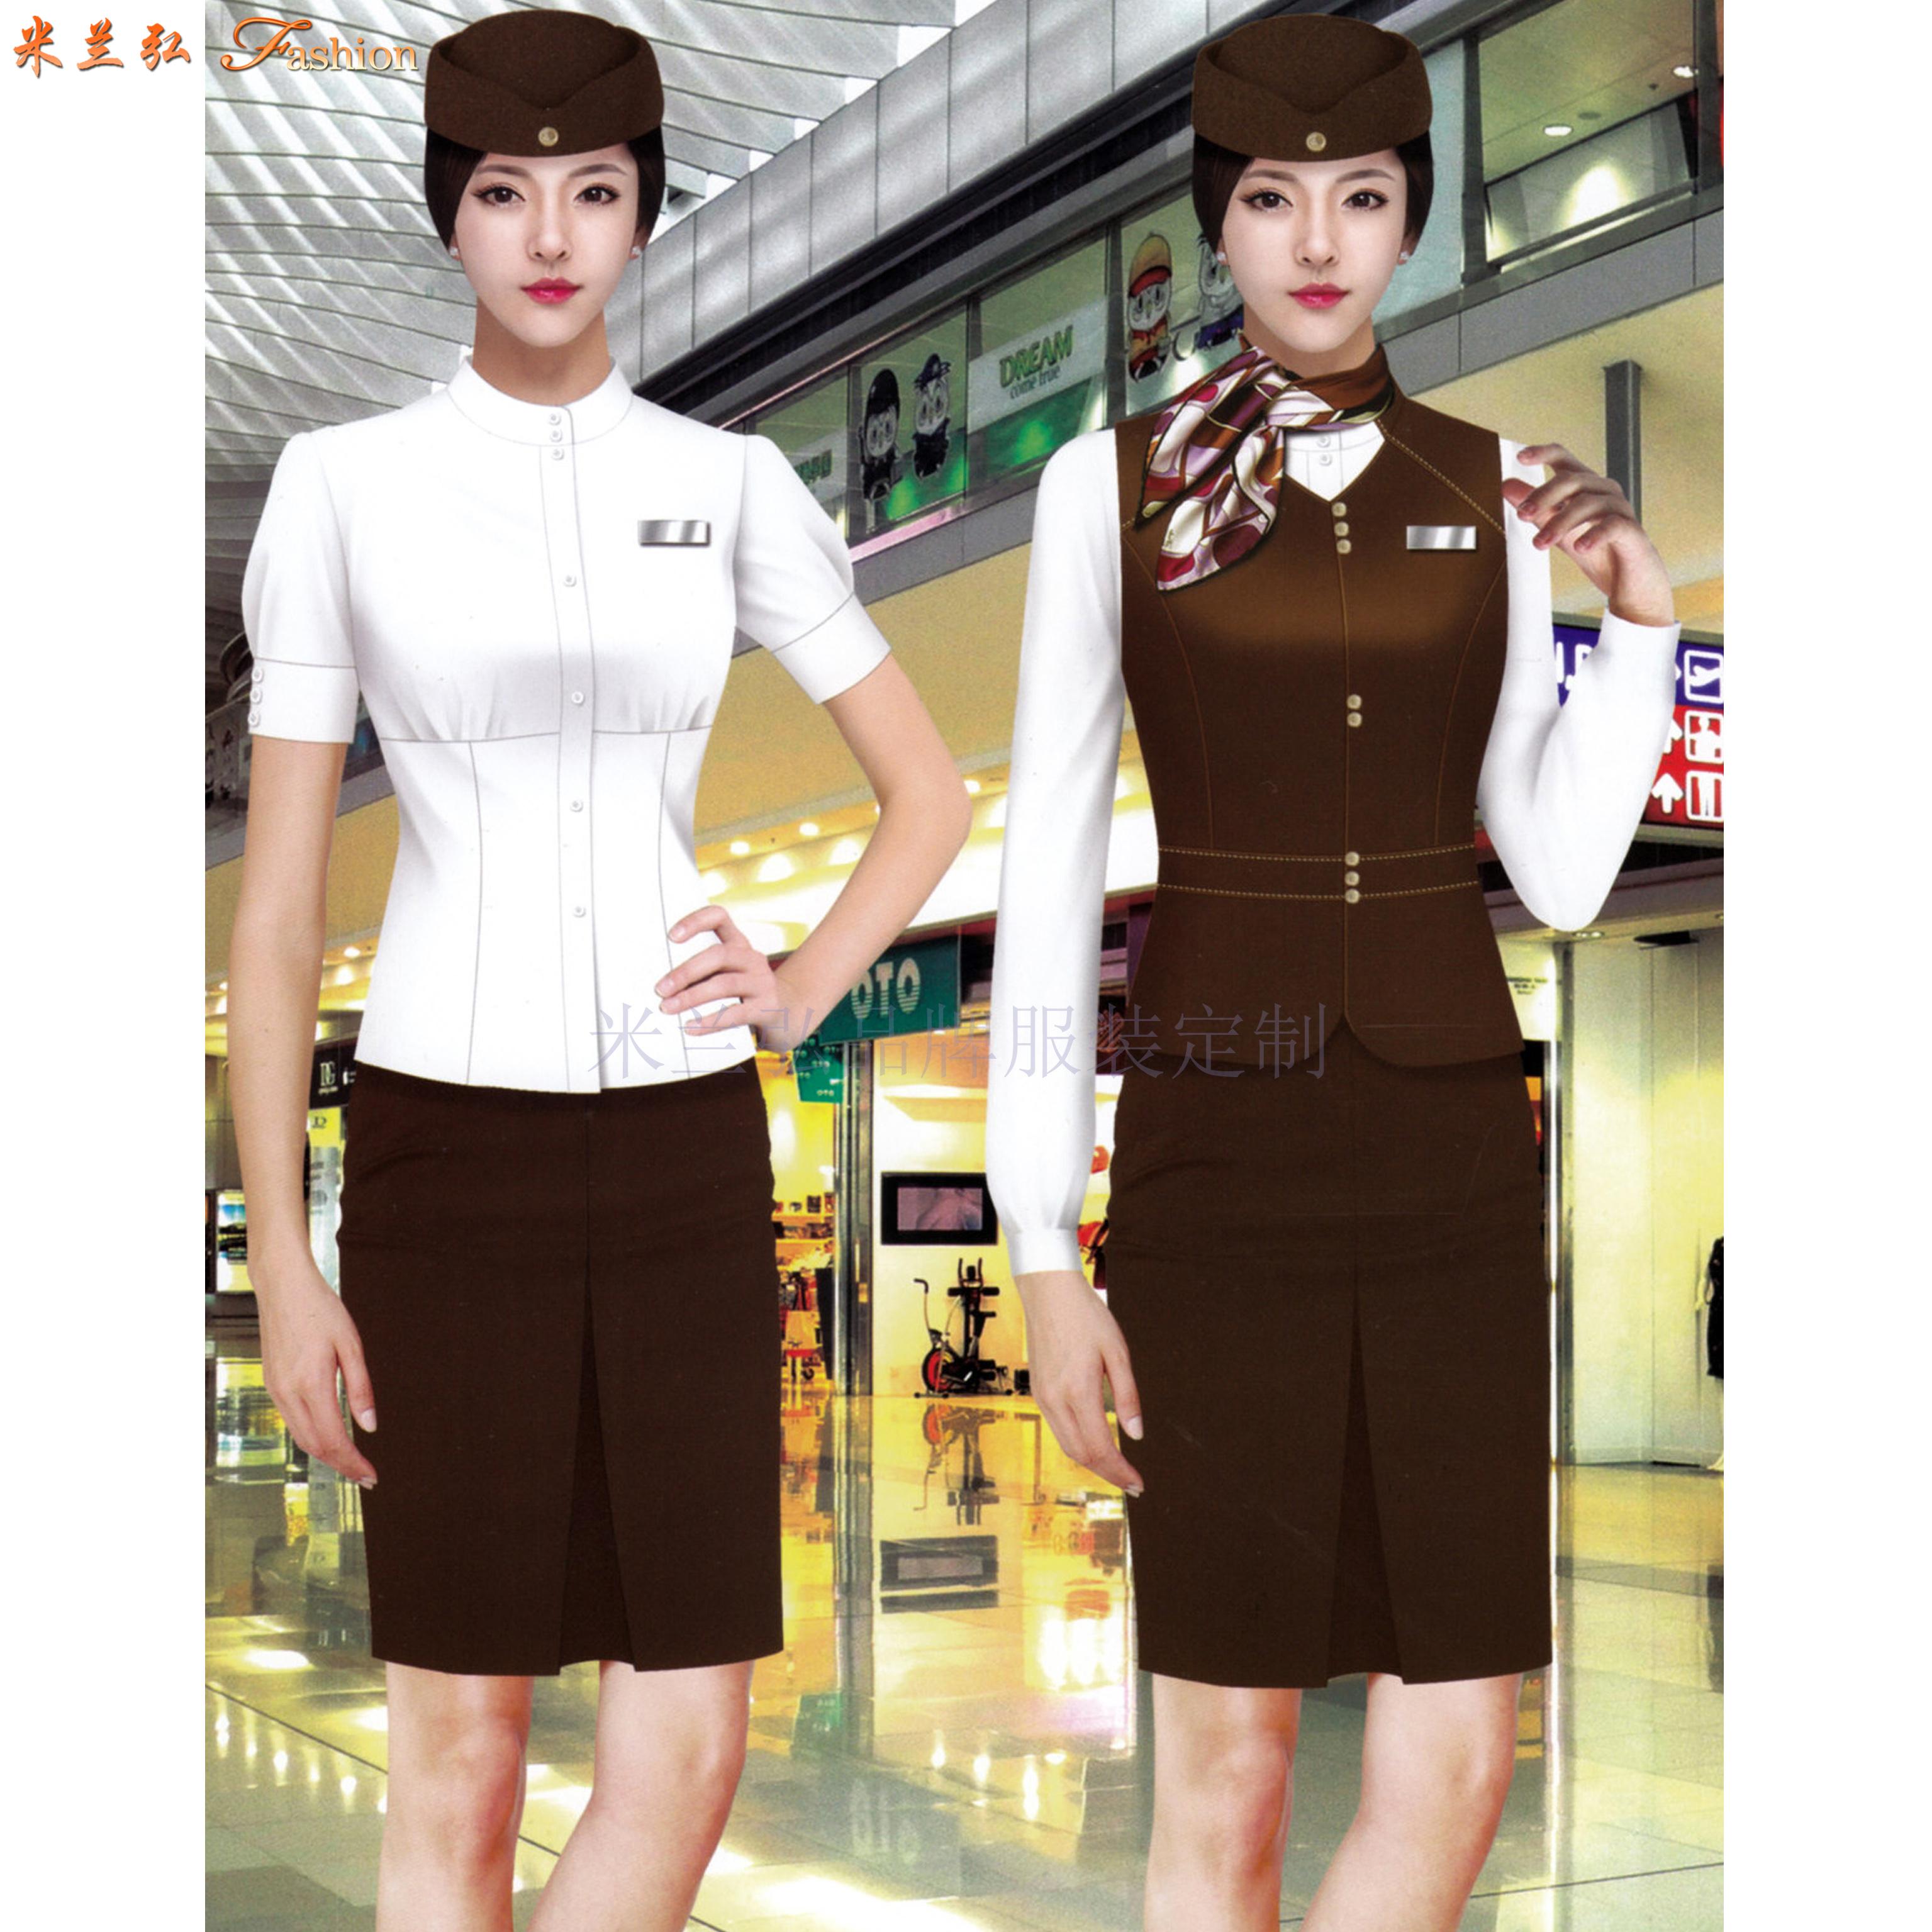 「濟南空姐服定製」「濟南空乘服訂做」推薦式樣時髦最新送体验金网站服裝-1